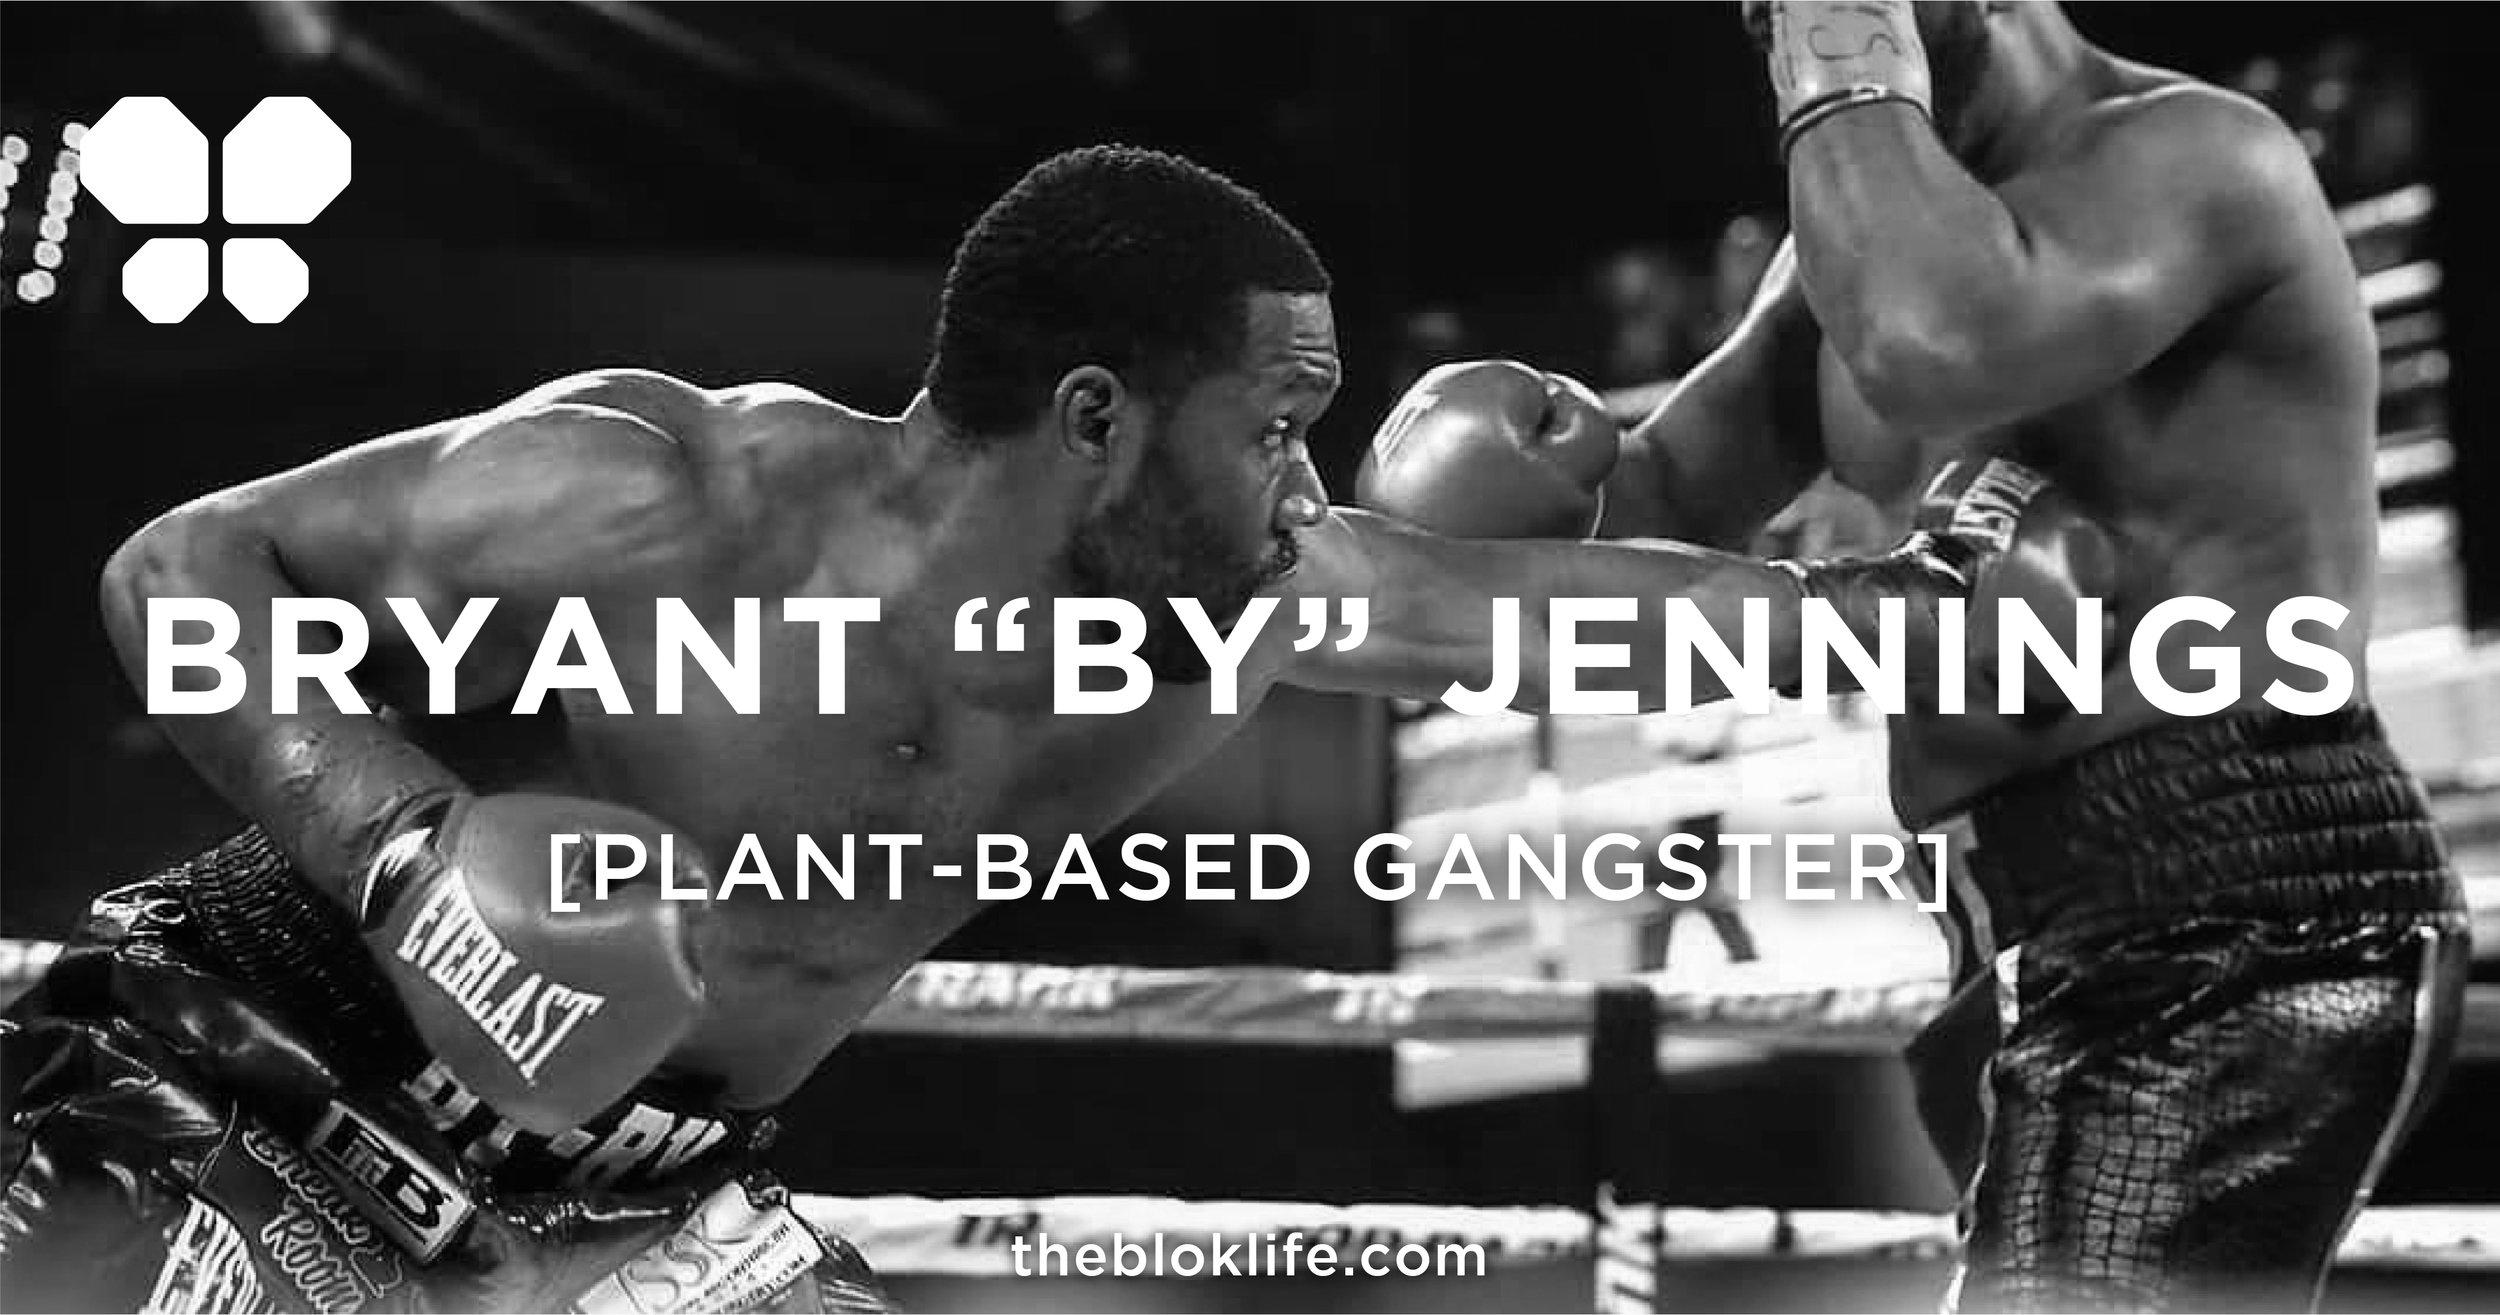 bryant-jennings-plant-based-gangster-vegan-blok-social.jpg